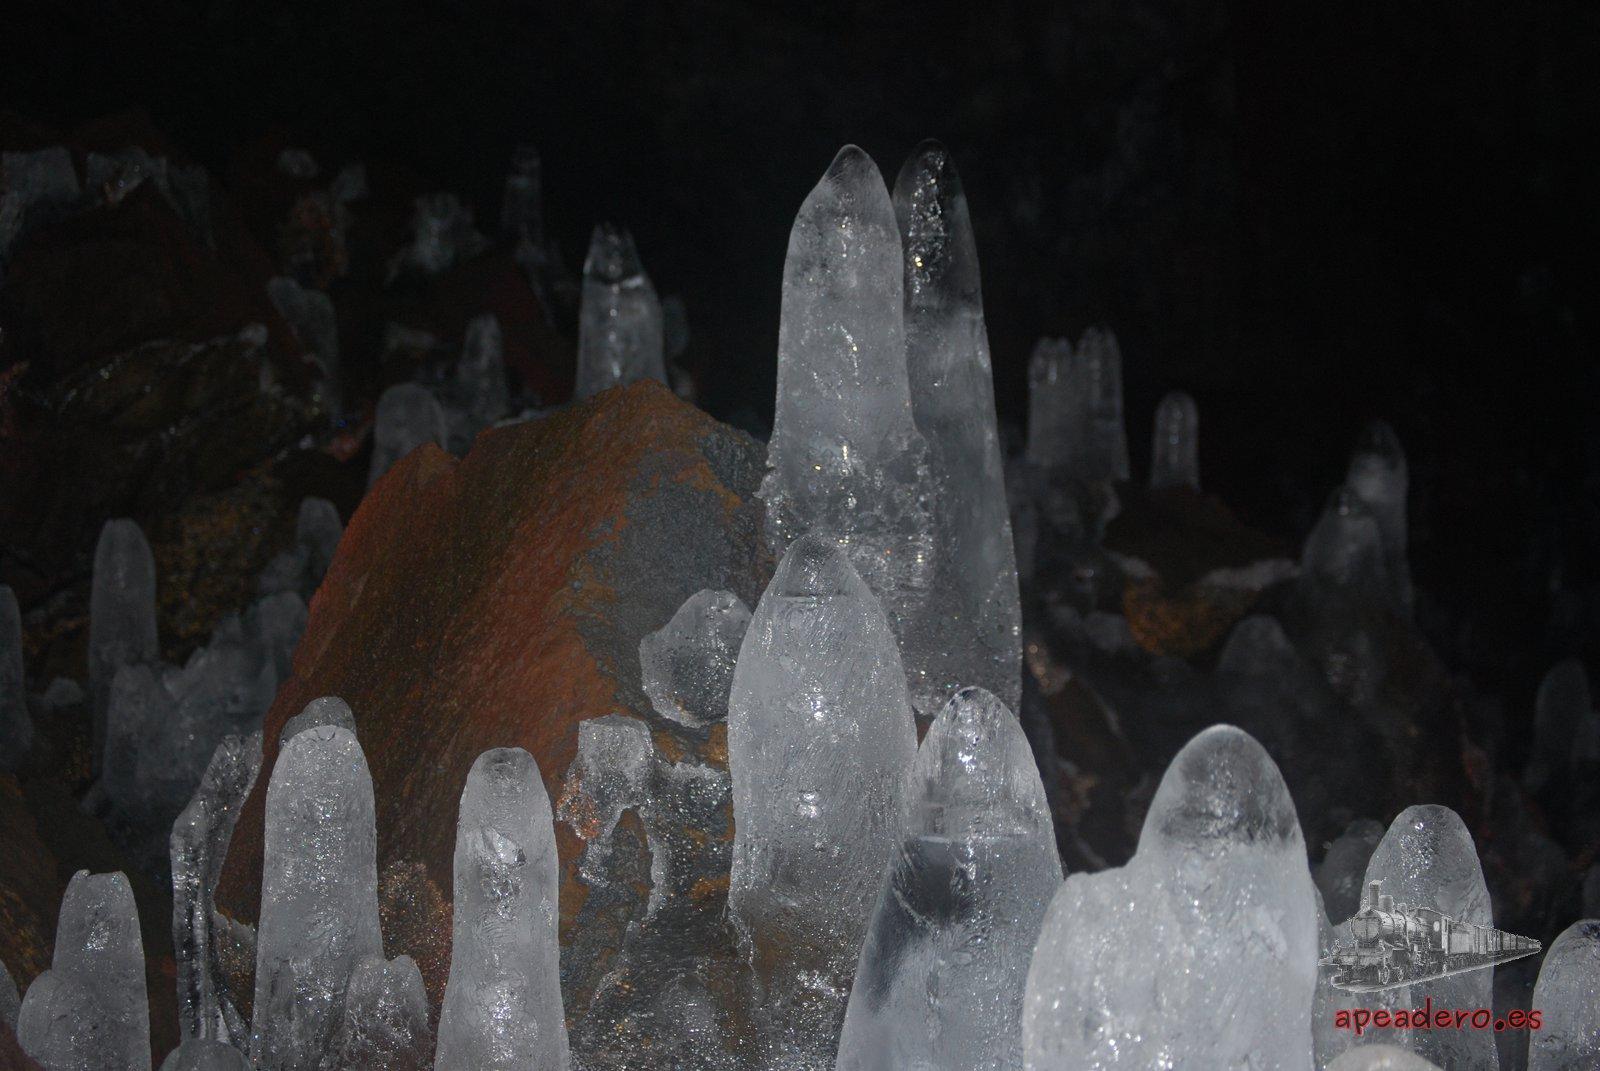 Dado que se trata de un tubo de lava, no hay estalagmitas y estalactitas como tal, solo existen las que se producen por el frío extremo.